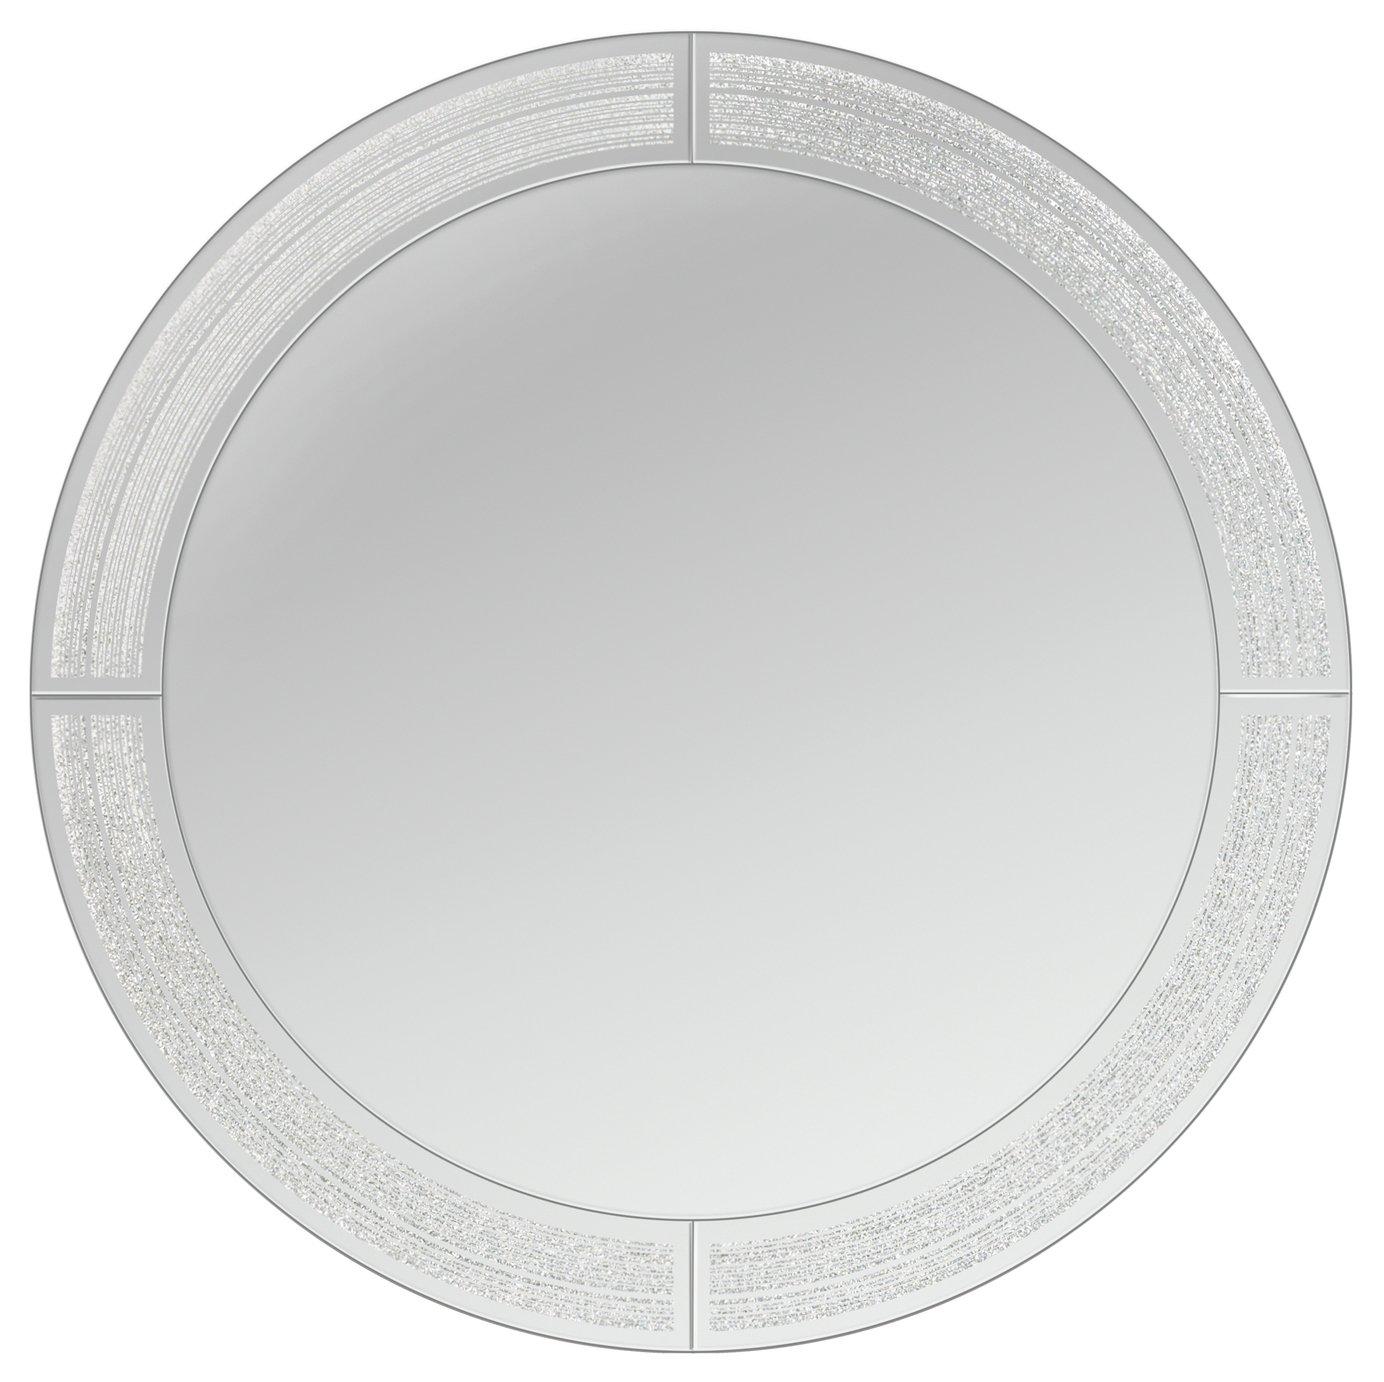 Innova Home Glitter Ascot Mirror - Silver